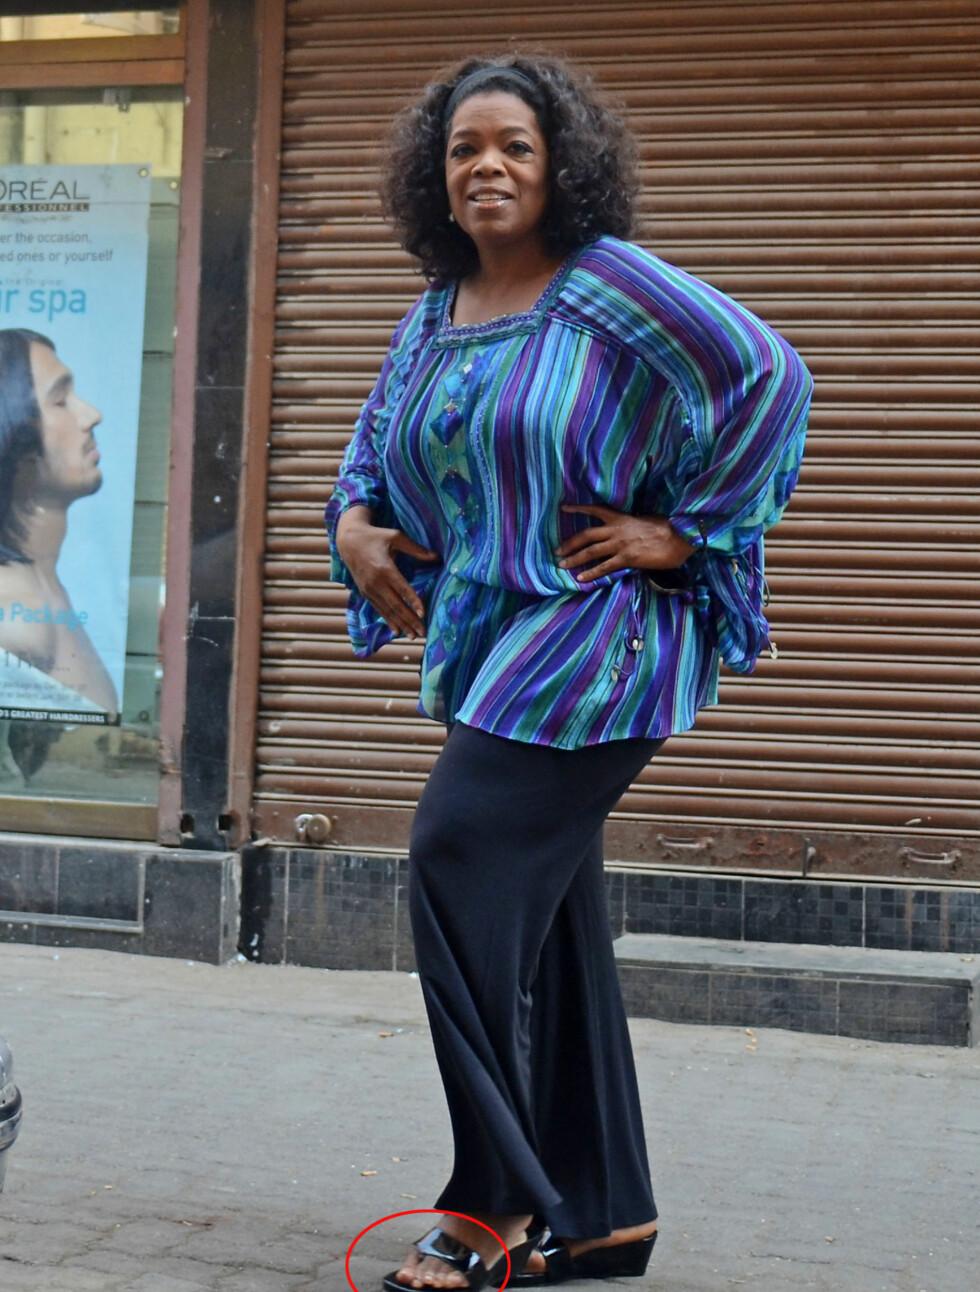 <strong>EKSTRA TÅ:</strong> Oprah Winfrey har en ekstra tå på sin venstre fot. Foto: Stella Pictures